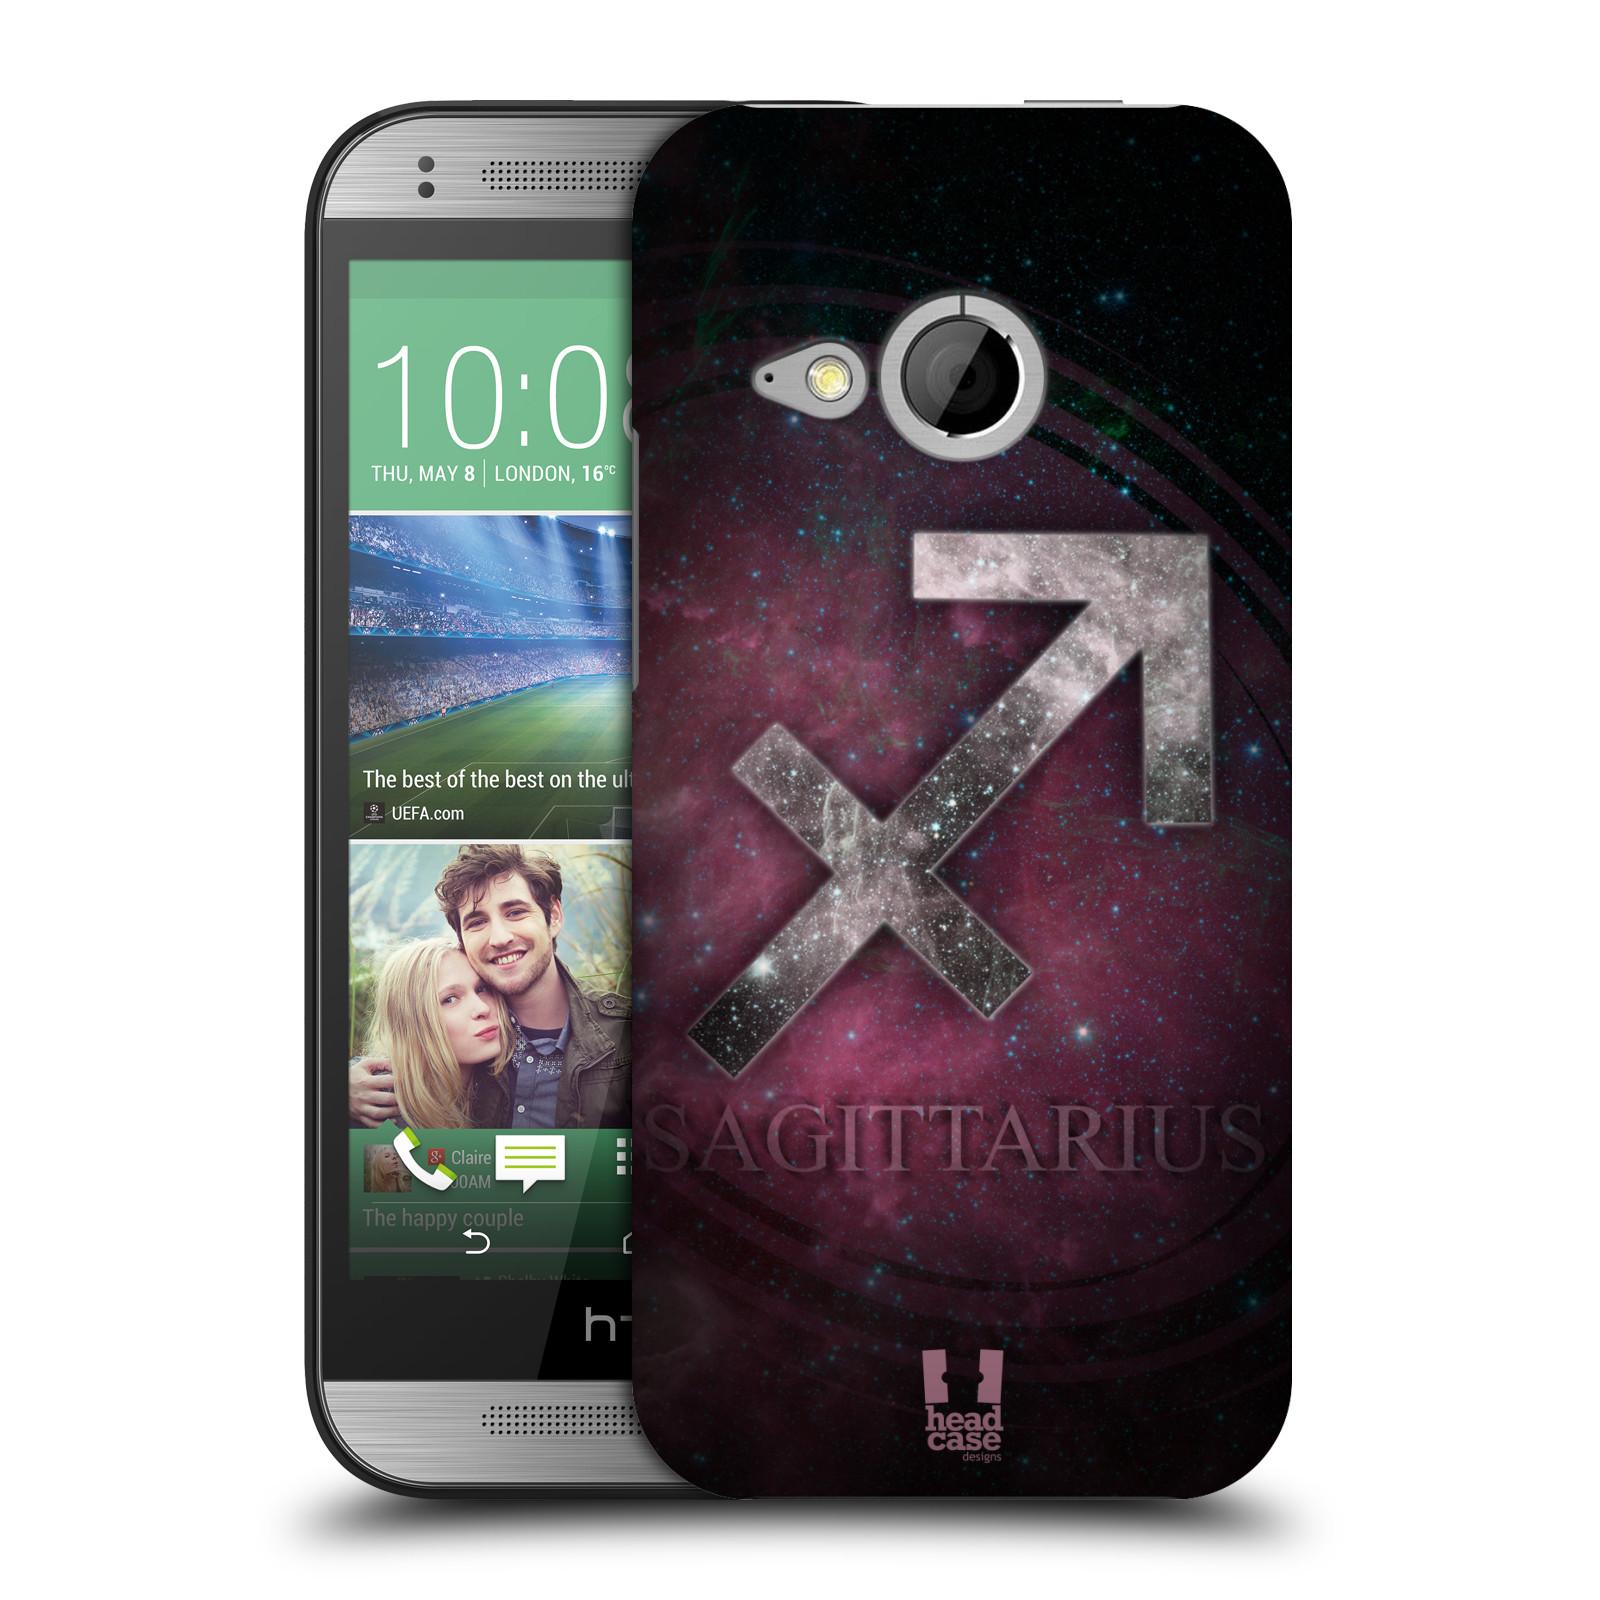 HEAD CASE DESIGNS NEBULA ZODIAC SYMBOLS HARD BACK CASE FOR HTC ONE MINI 2